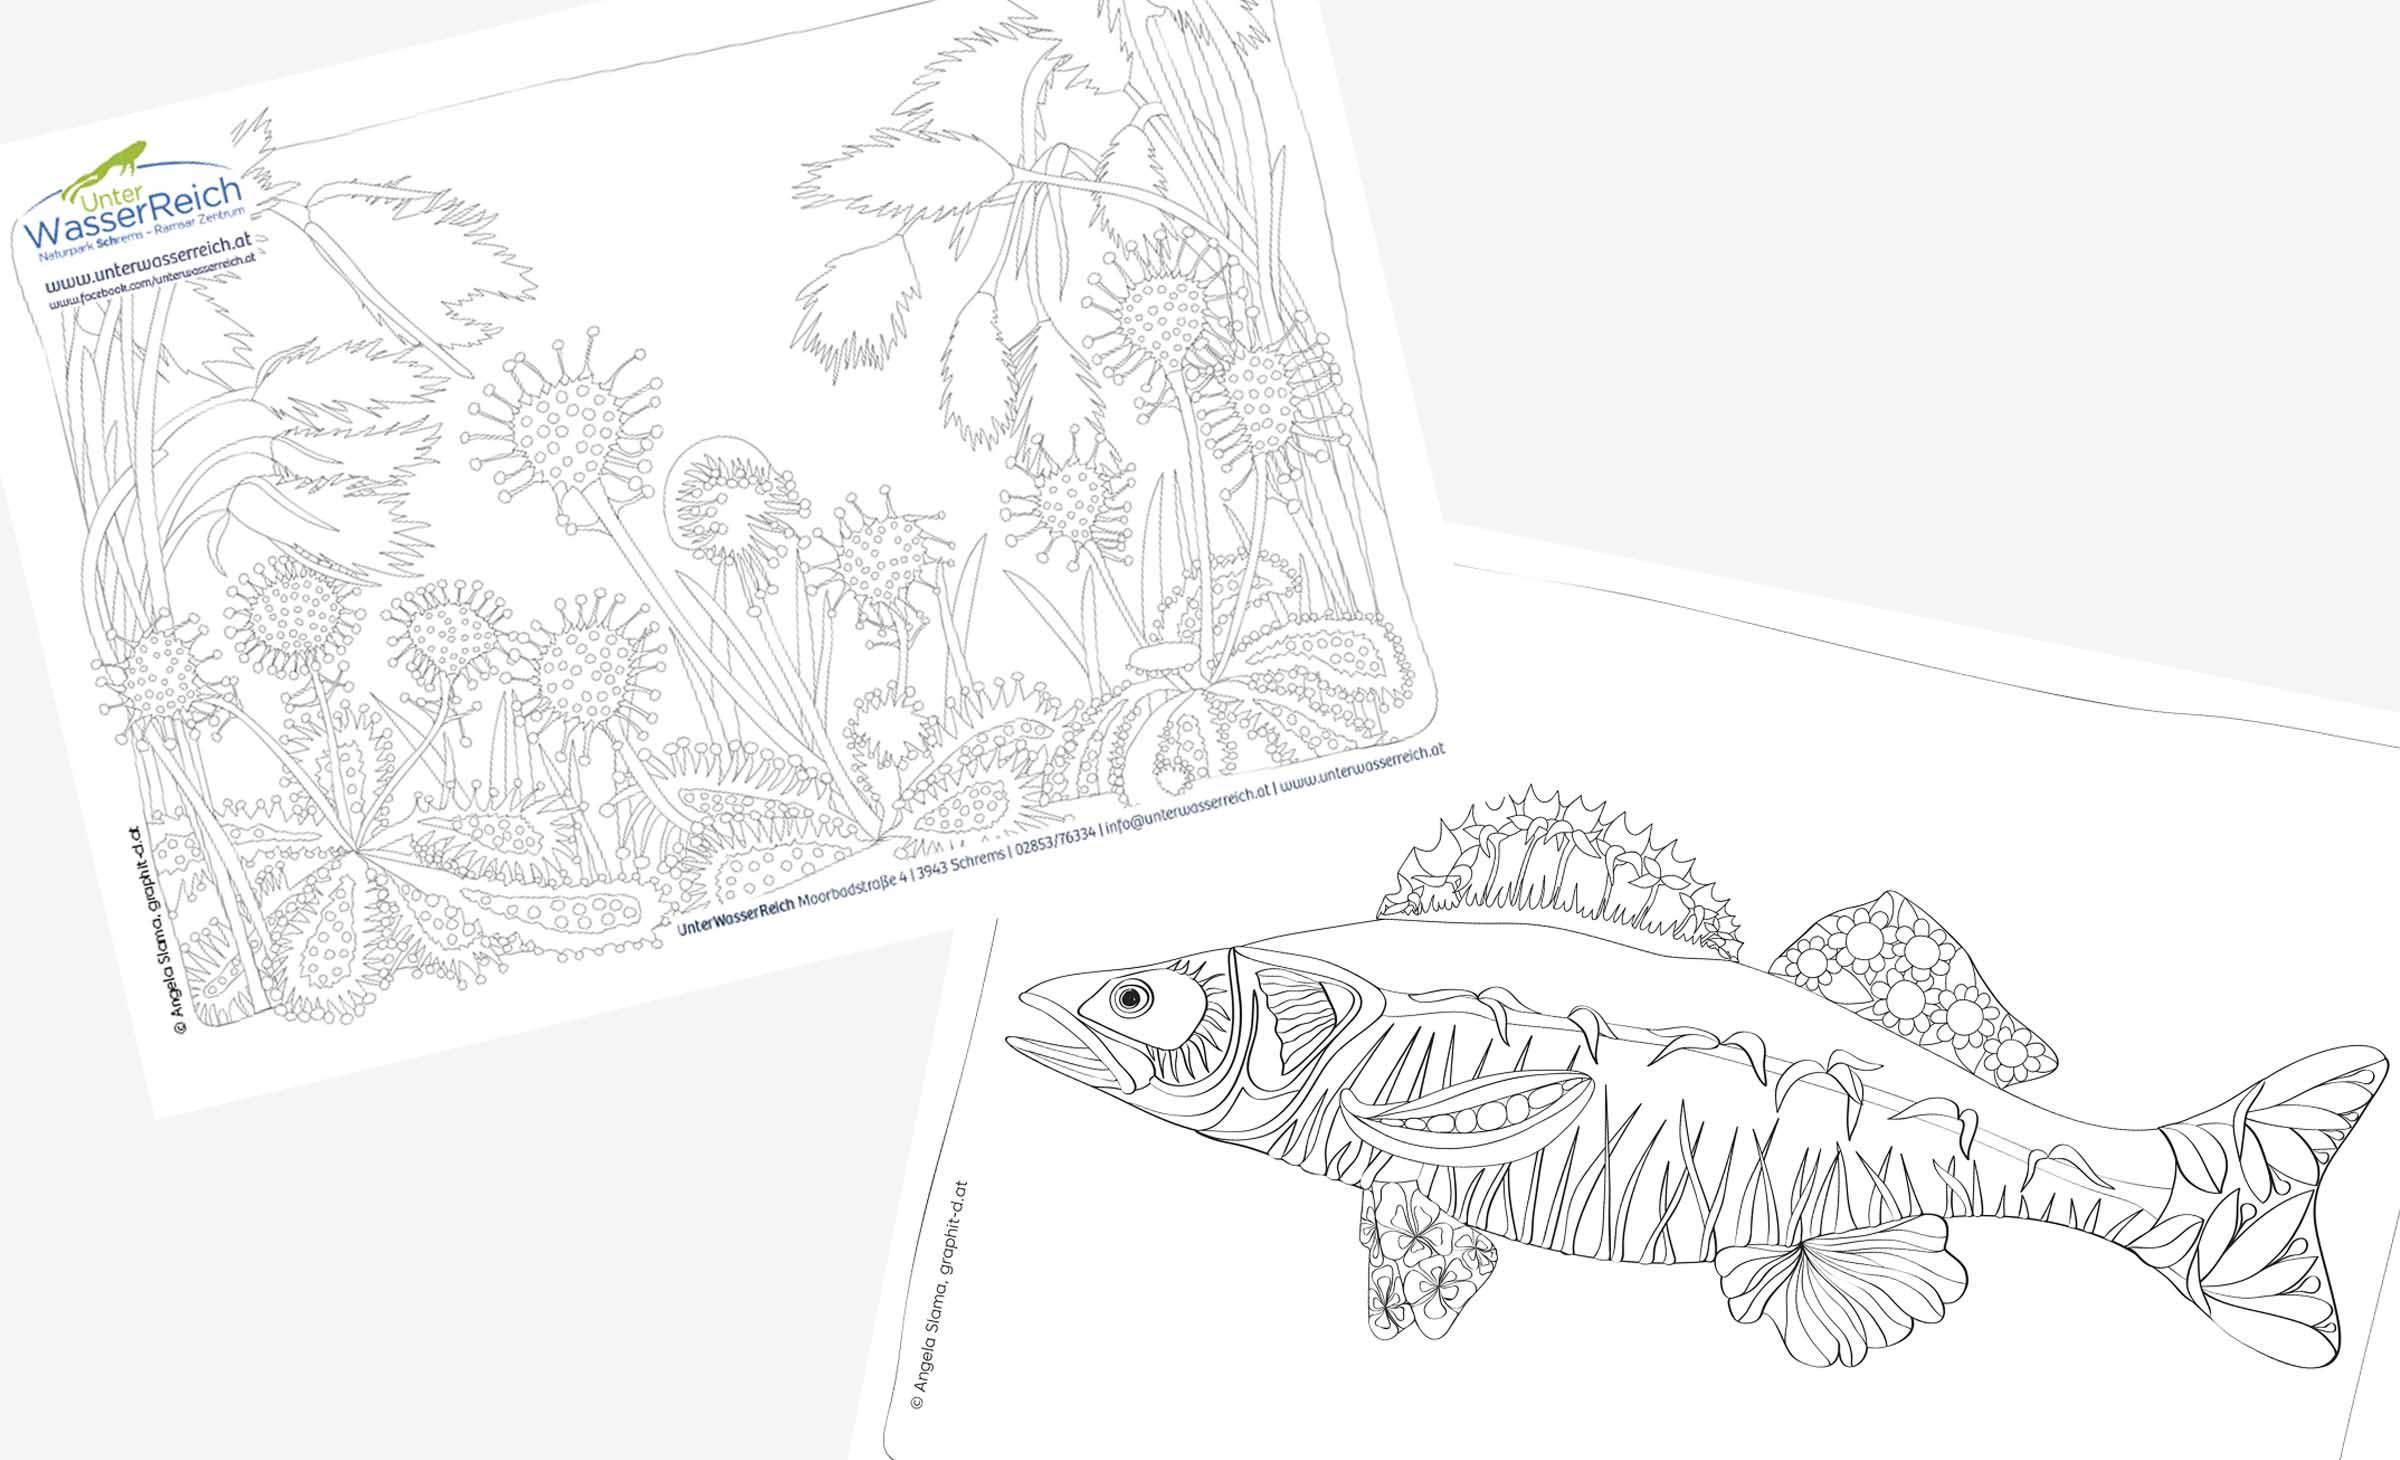 Ausmalbilder - für die BesucherInnen des Unterwasserreichs